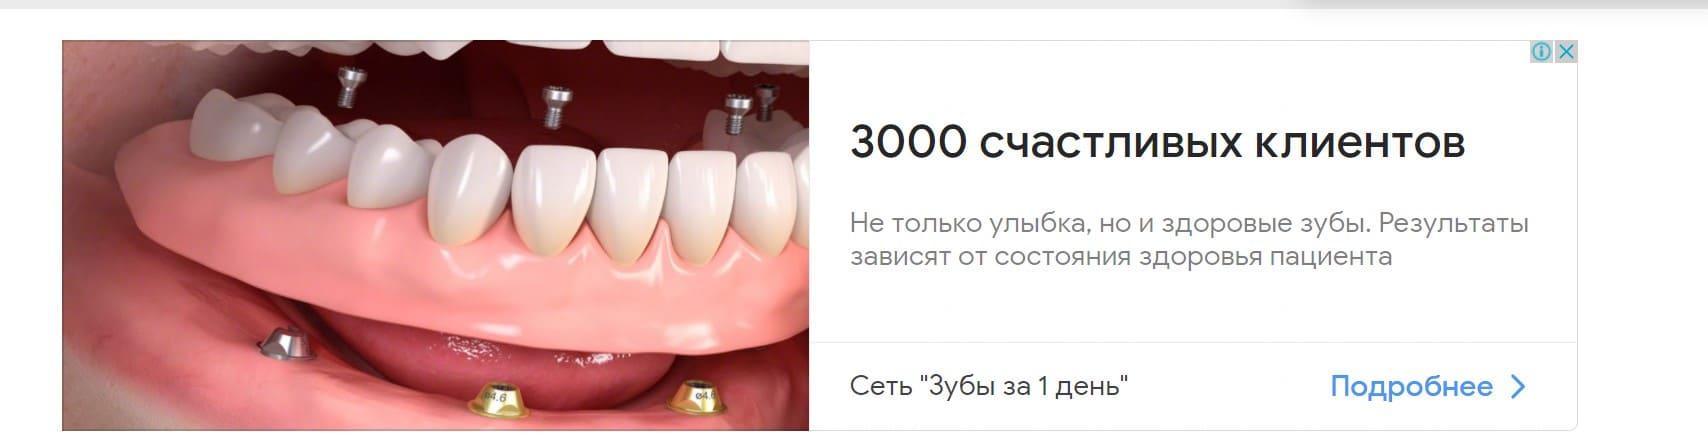 Реклама и продвижение стоматологии в интернете